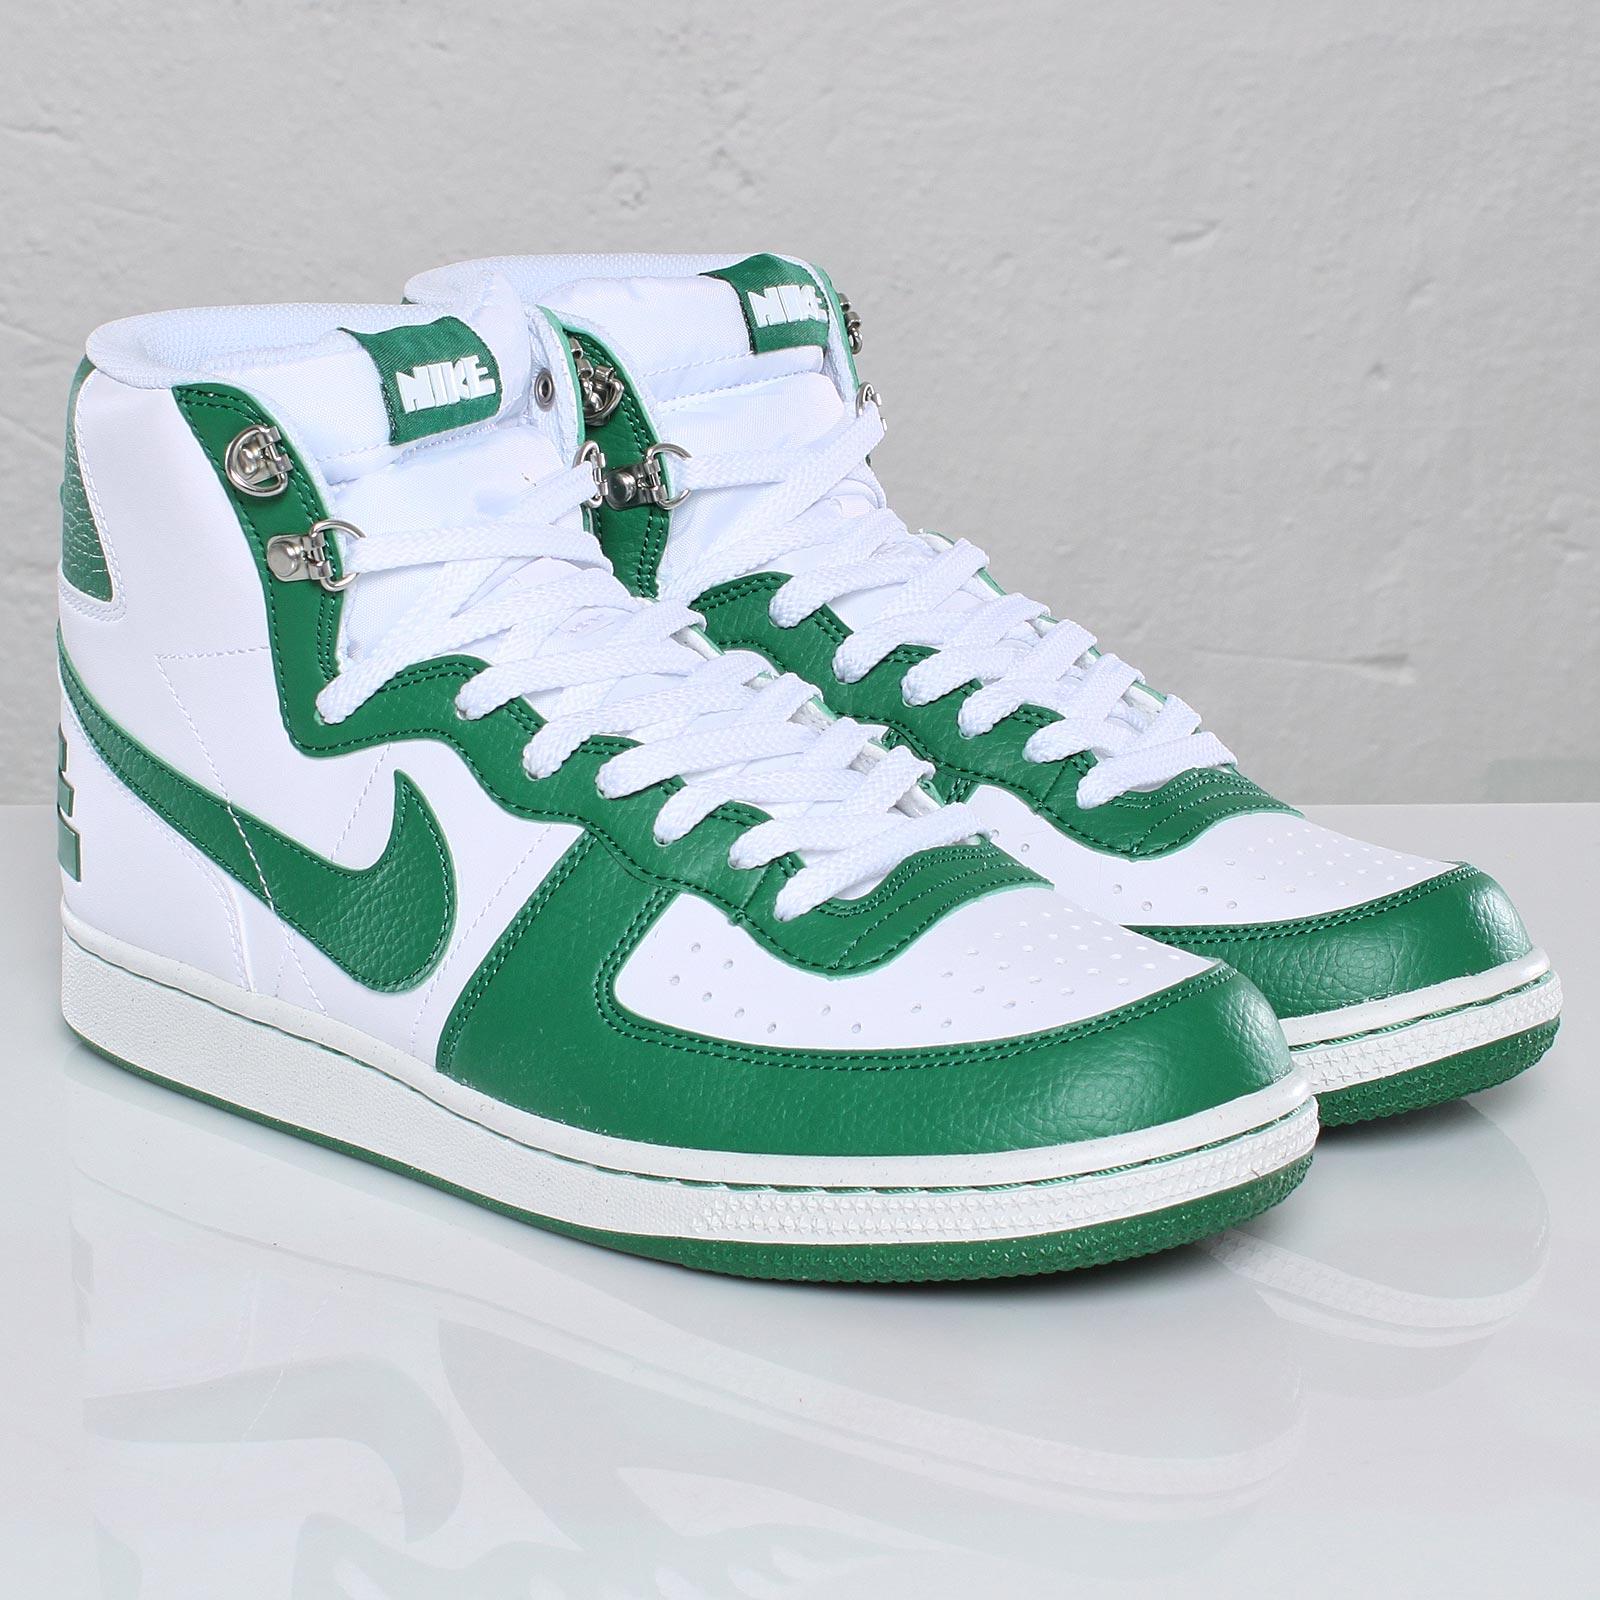 1f4877c3df Nike Terminator High Basic - 100836 - Sneakersnstuff | sneakers ...